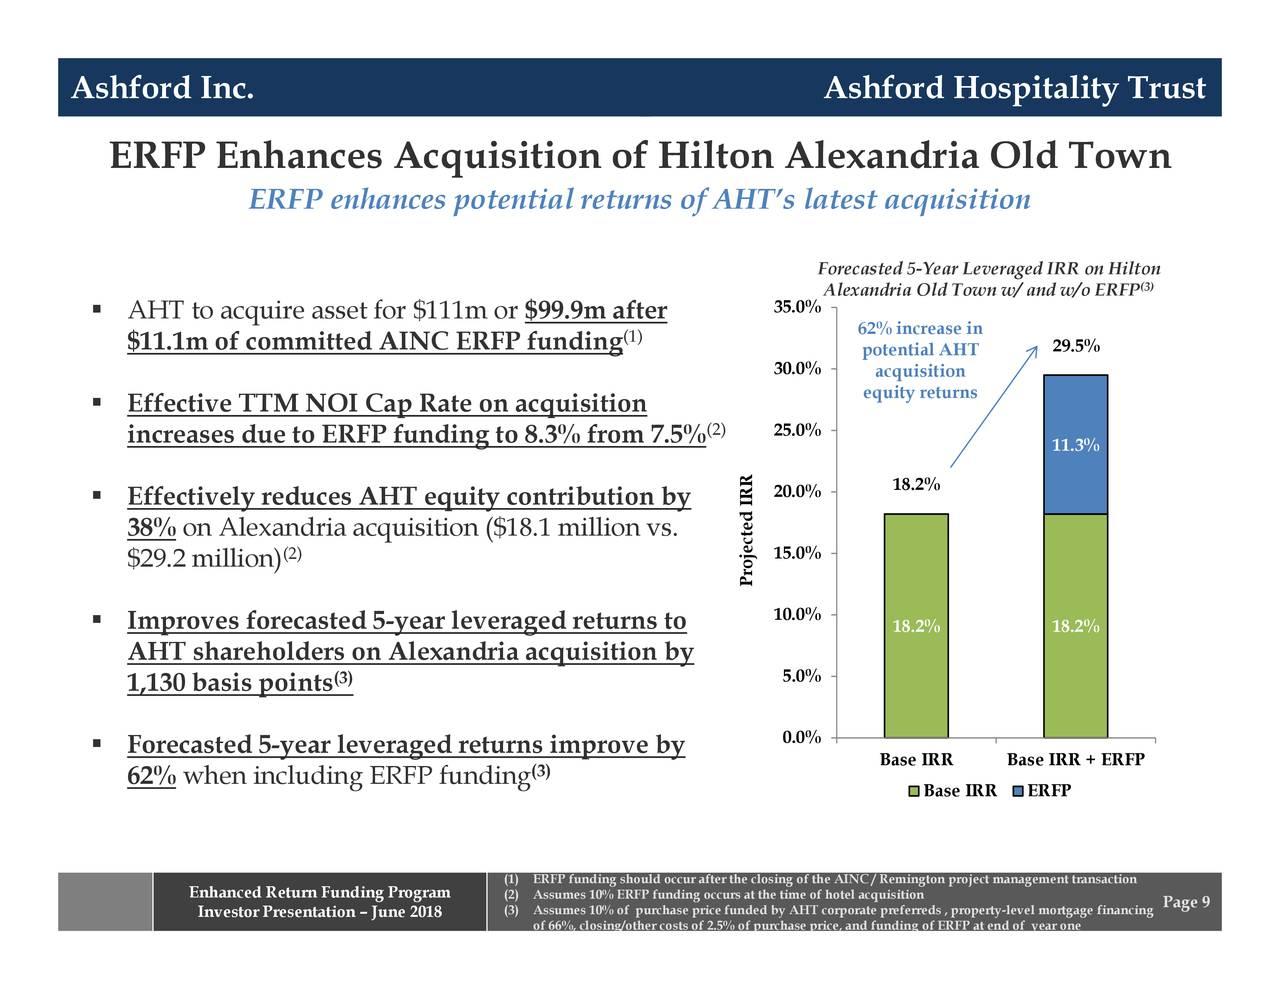 Ashford Hospitality Trust Inc Pref Perú 2021 – etf